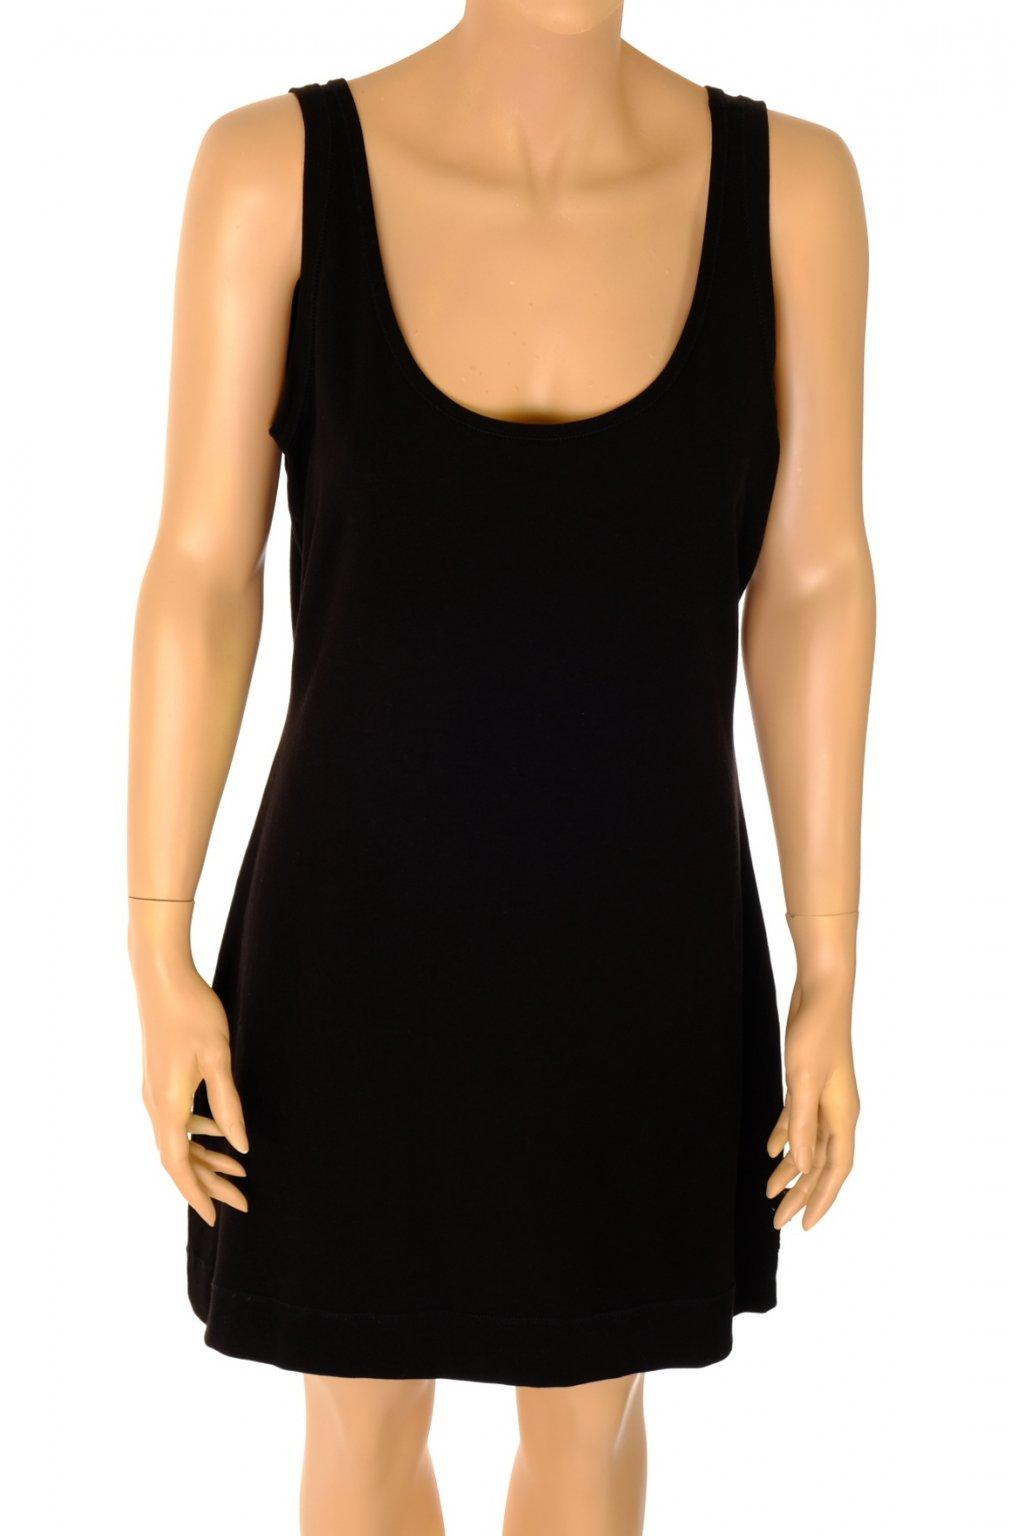 Šaty Didi černé nátělníkový střih vel L